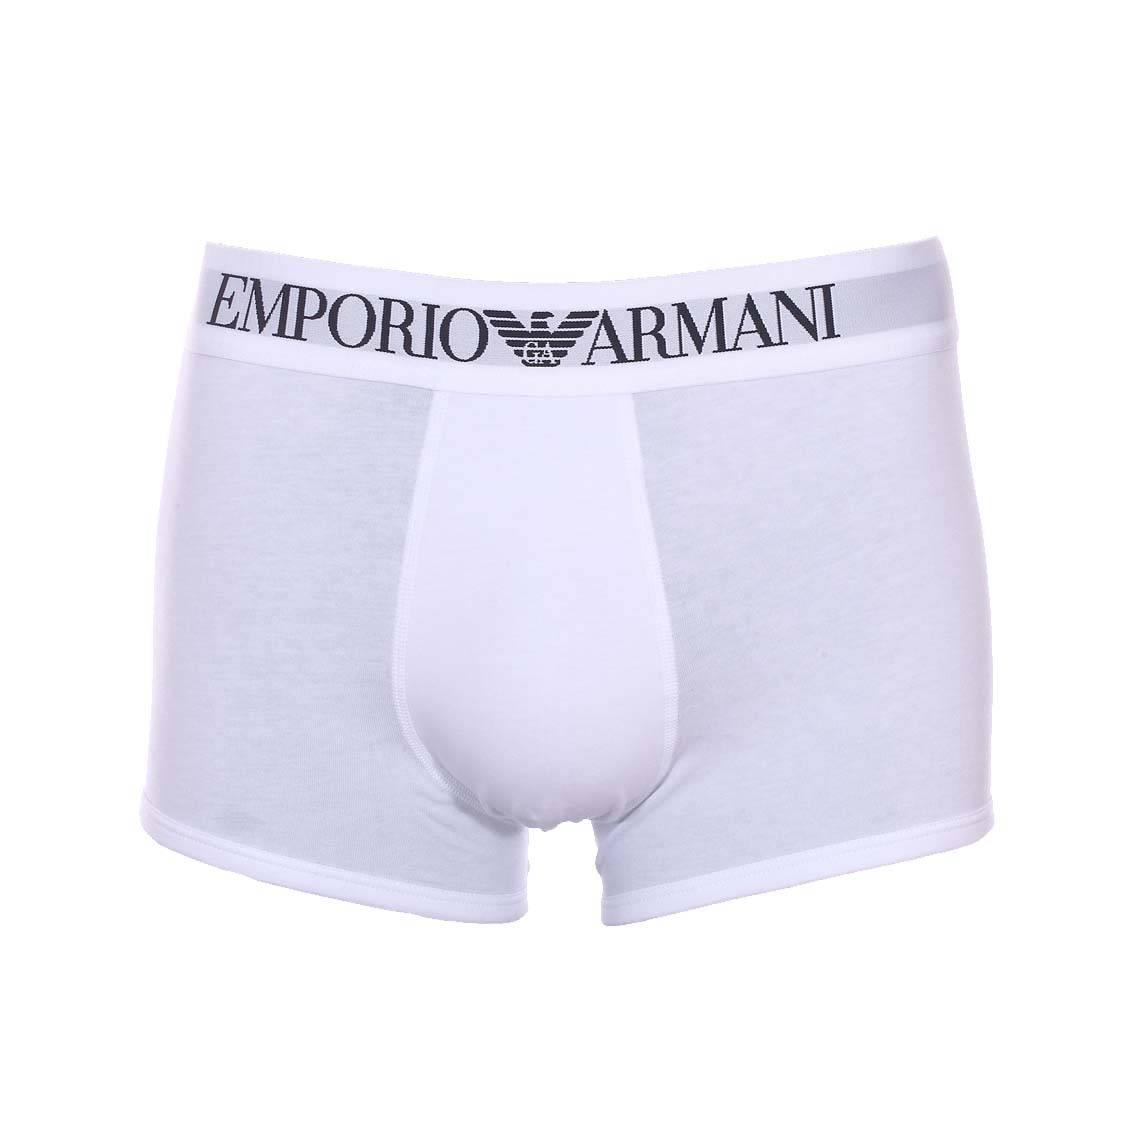 Boxer Emporio Armani Blanc en coton stretch   Rue Des Hommes ad55708de62